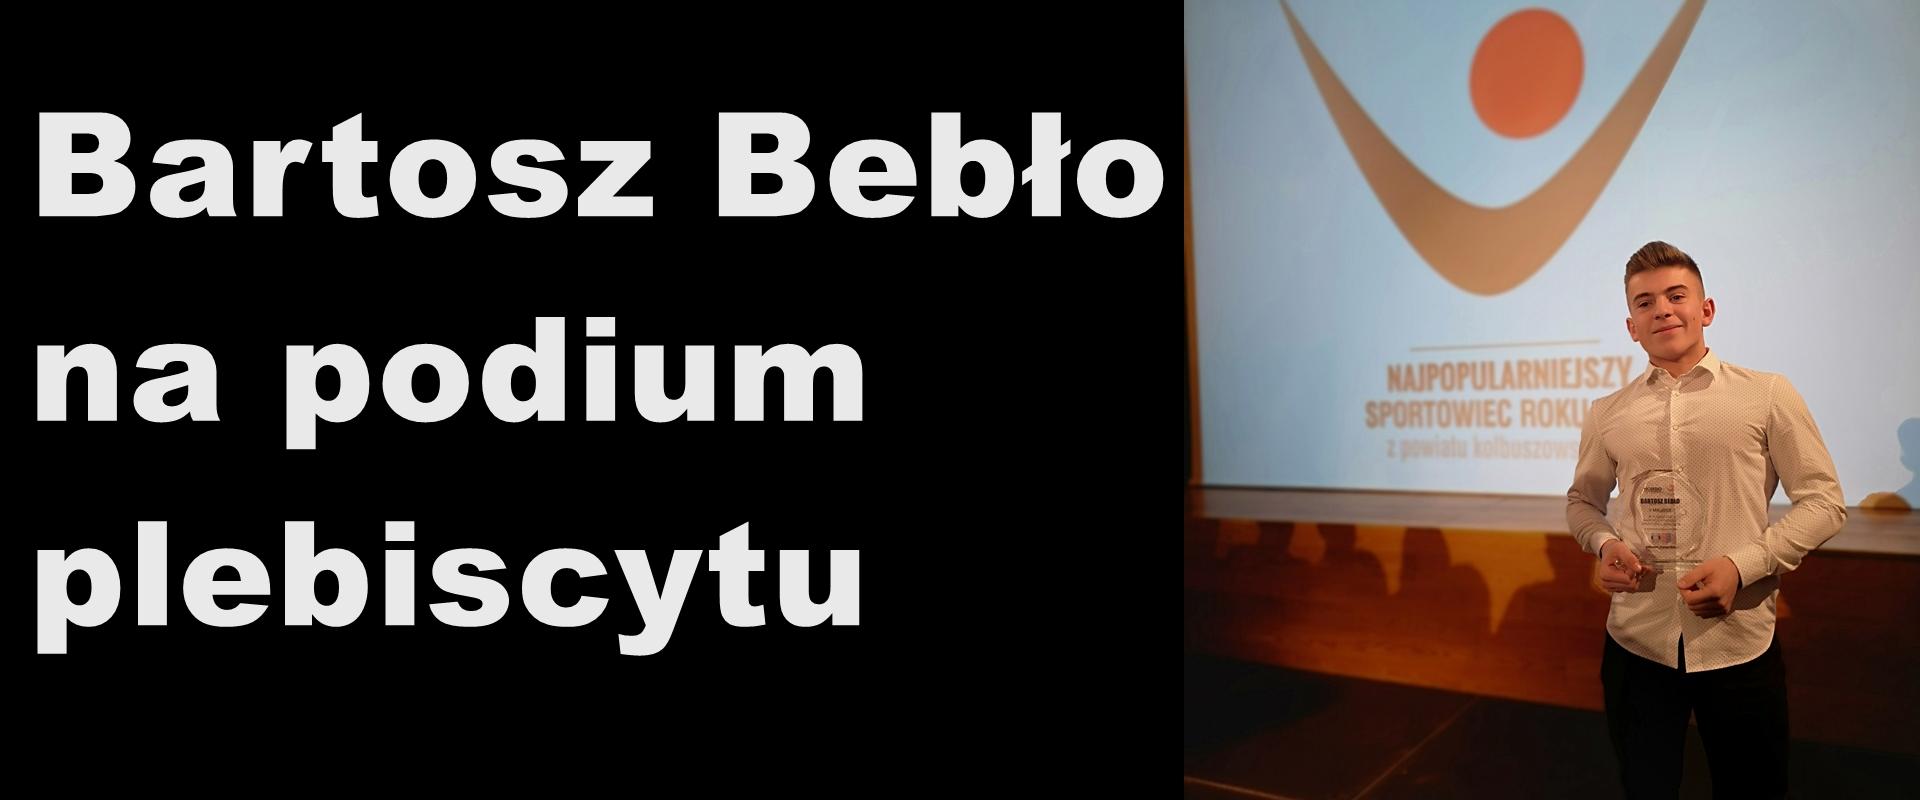 Bartosz Bebło zajmuje 2 miejsce w plebiscycie sportowym